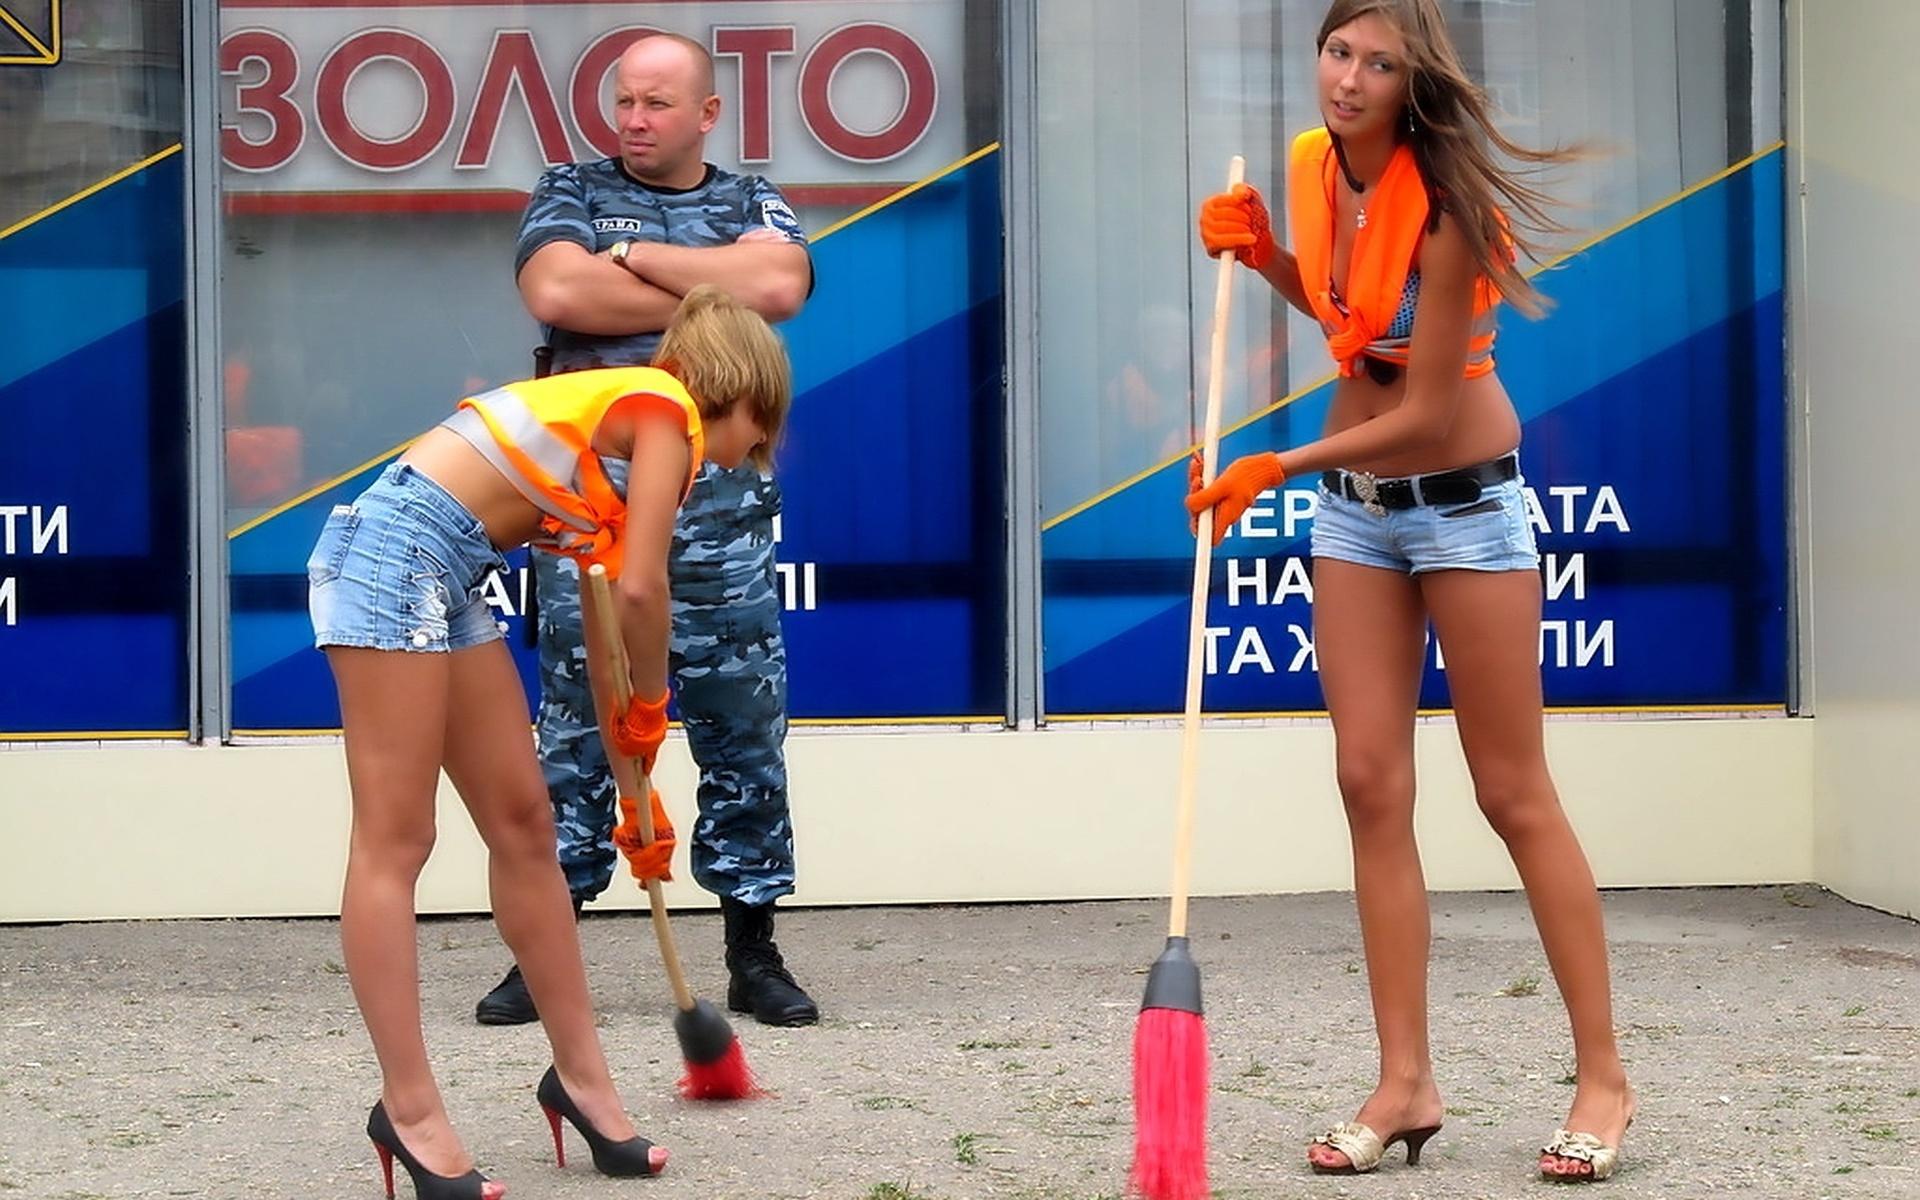 Китаянки в мини юбках 19 фотография